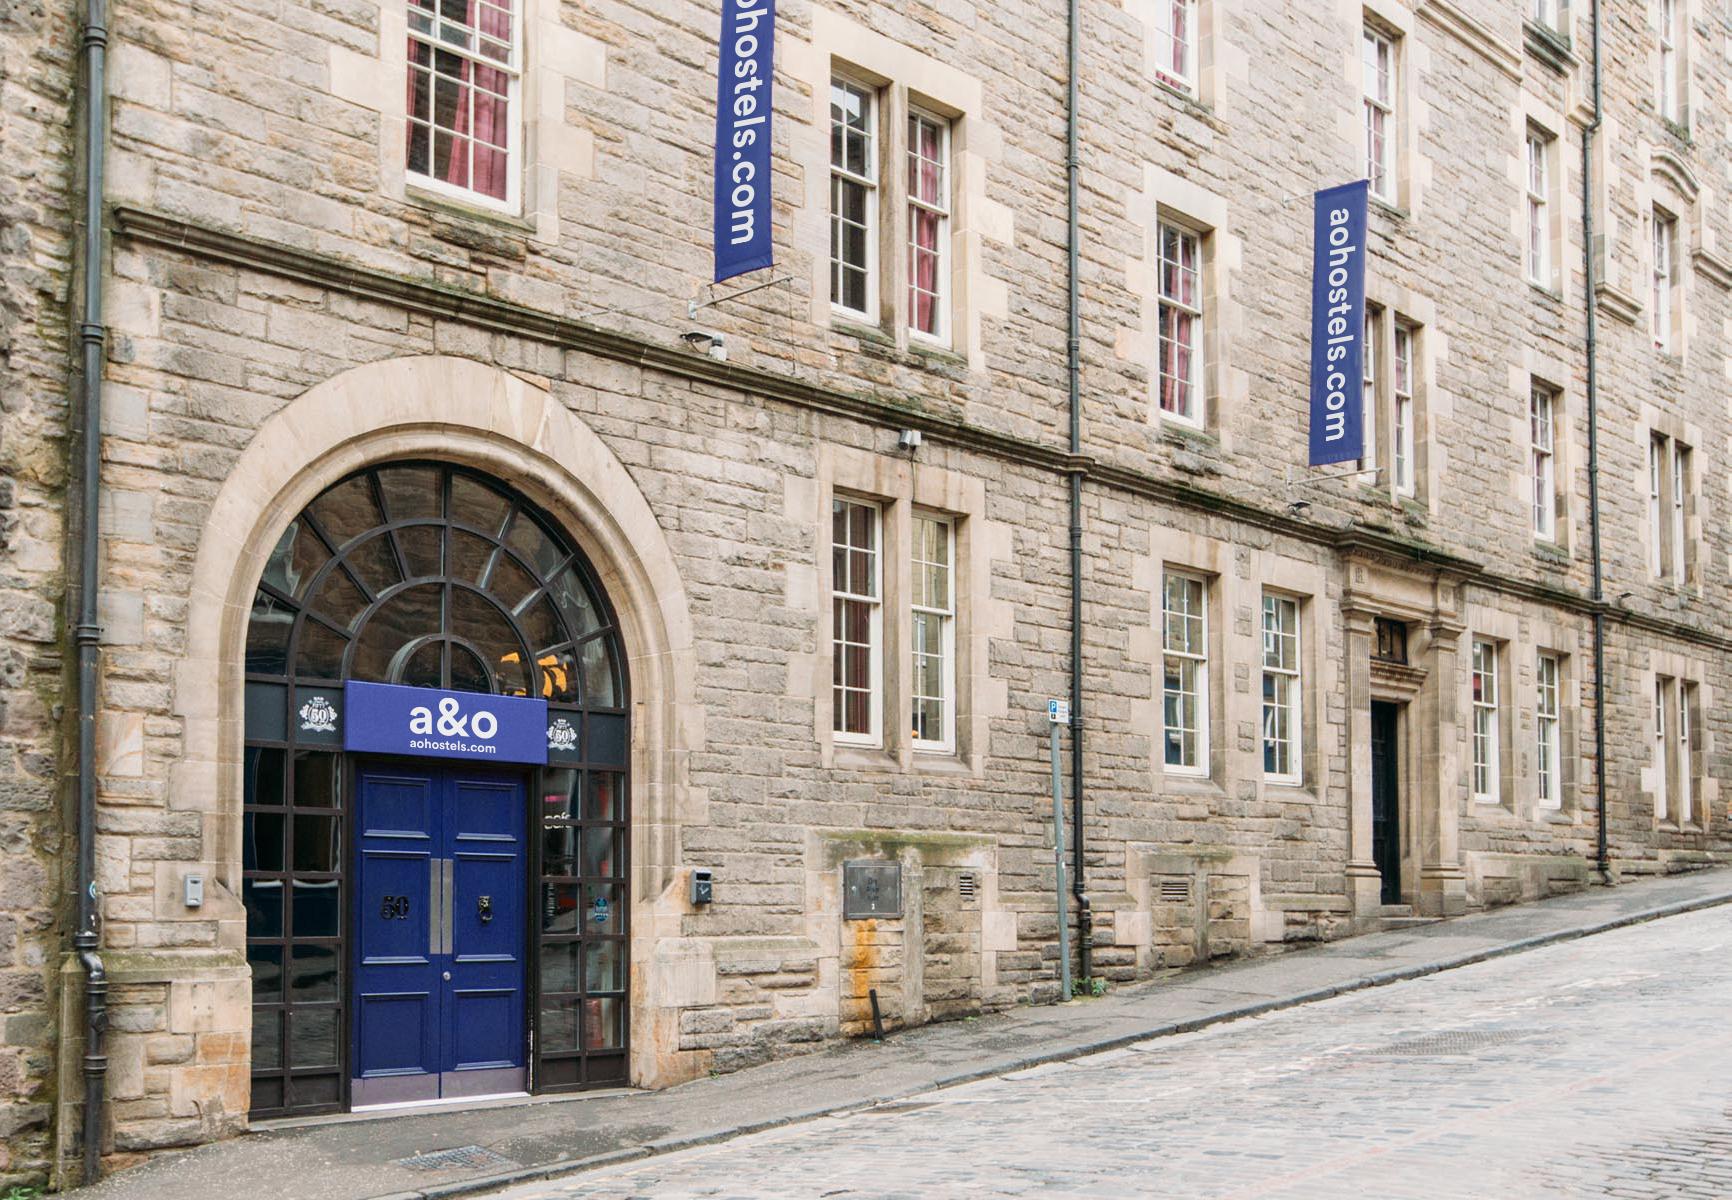 a&o Edinburgh City